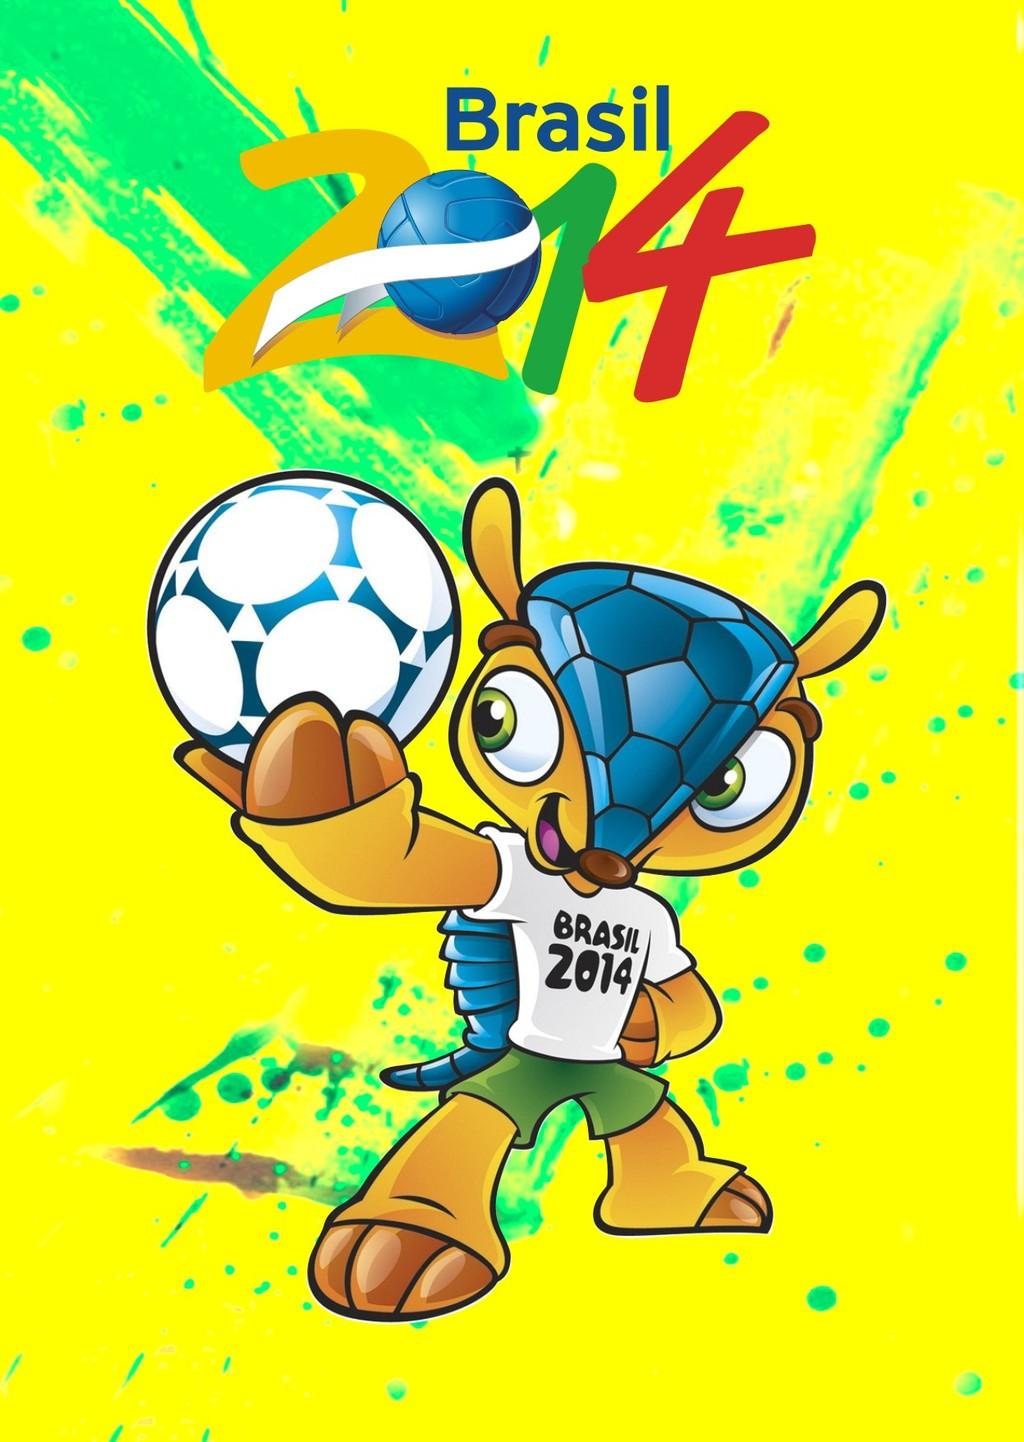 2018俄罗斯世界杯吉祥物